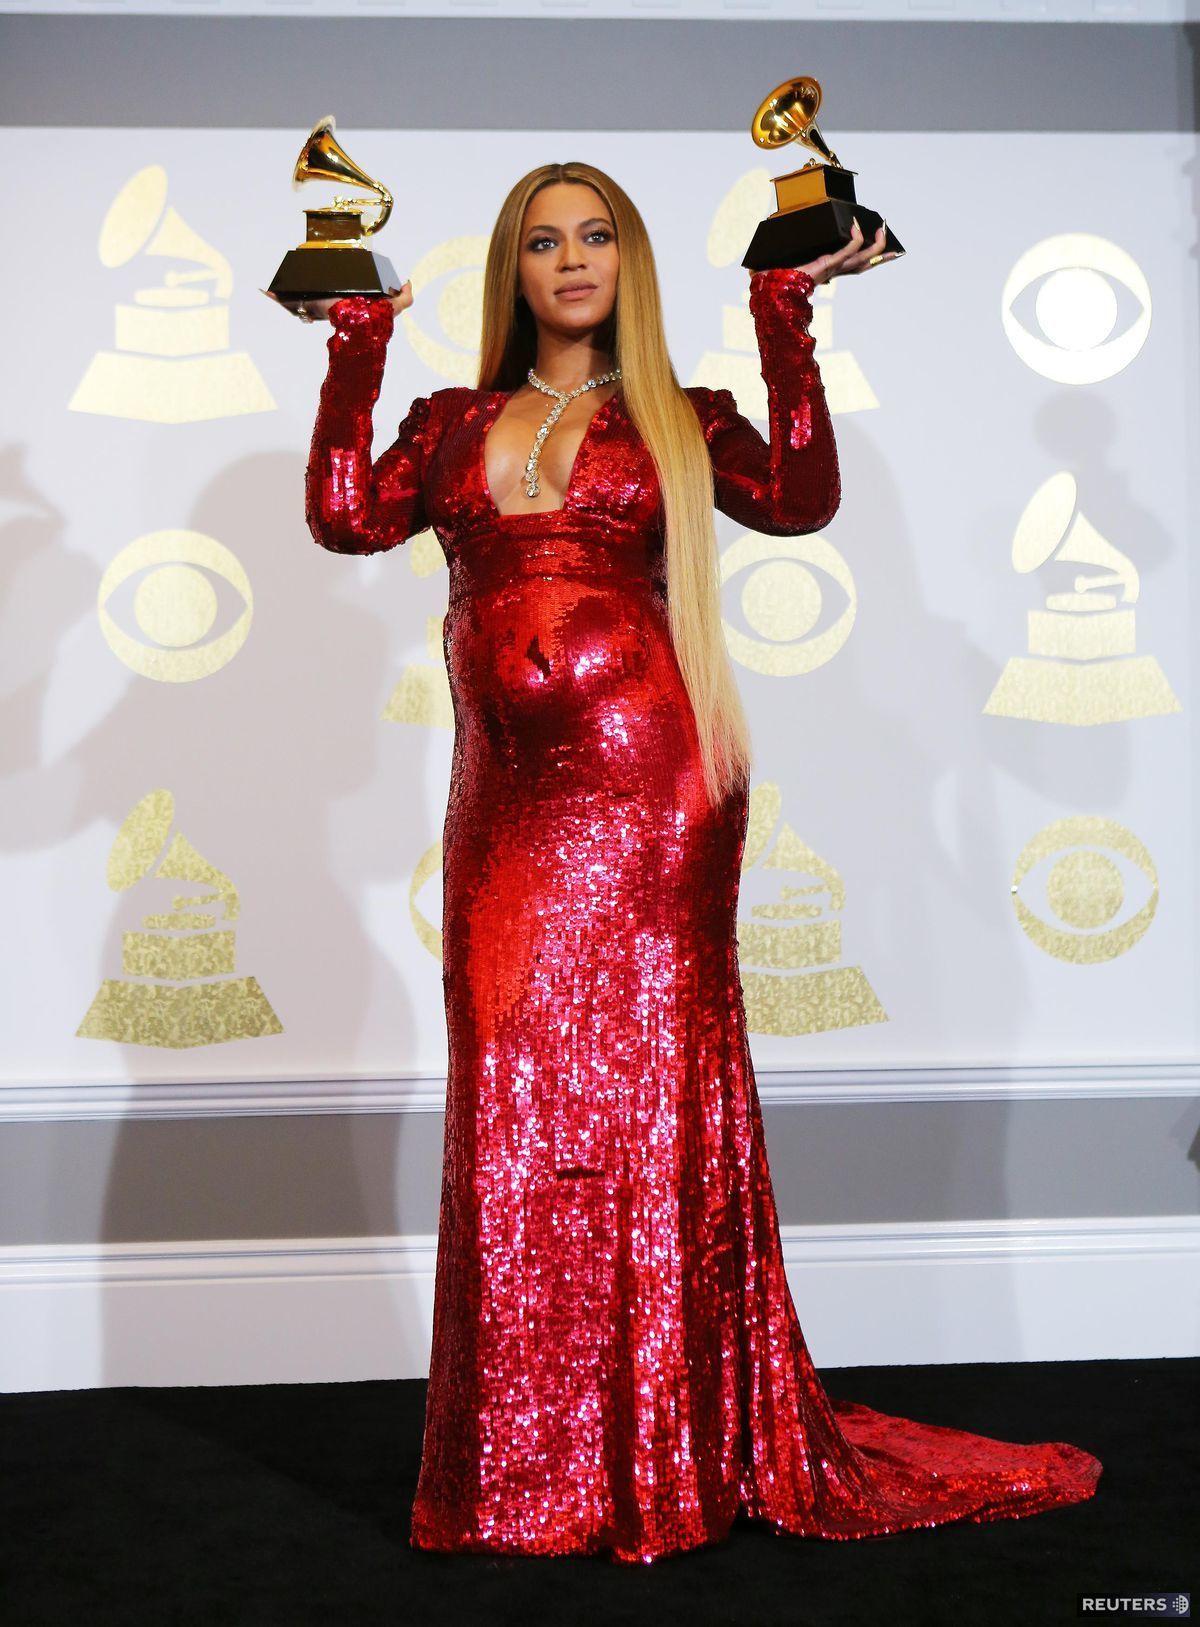 Speváčka Beyonce sa objavila v červenej kreácii od dizajnéra Petra Dundasa.